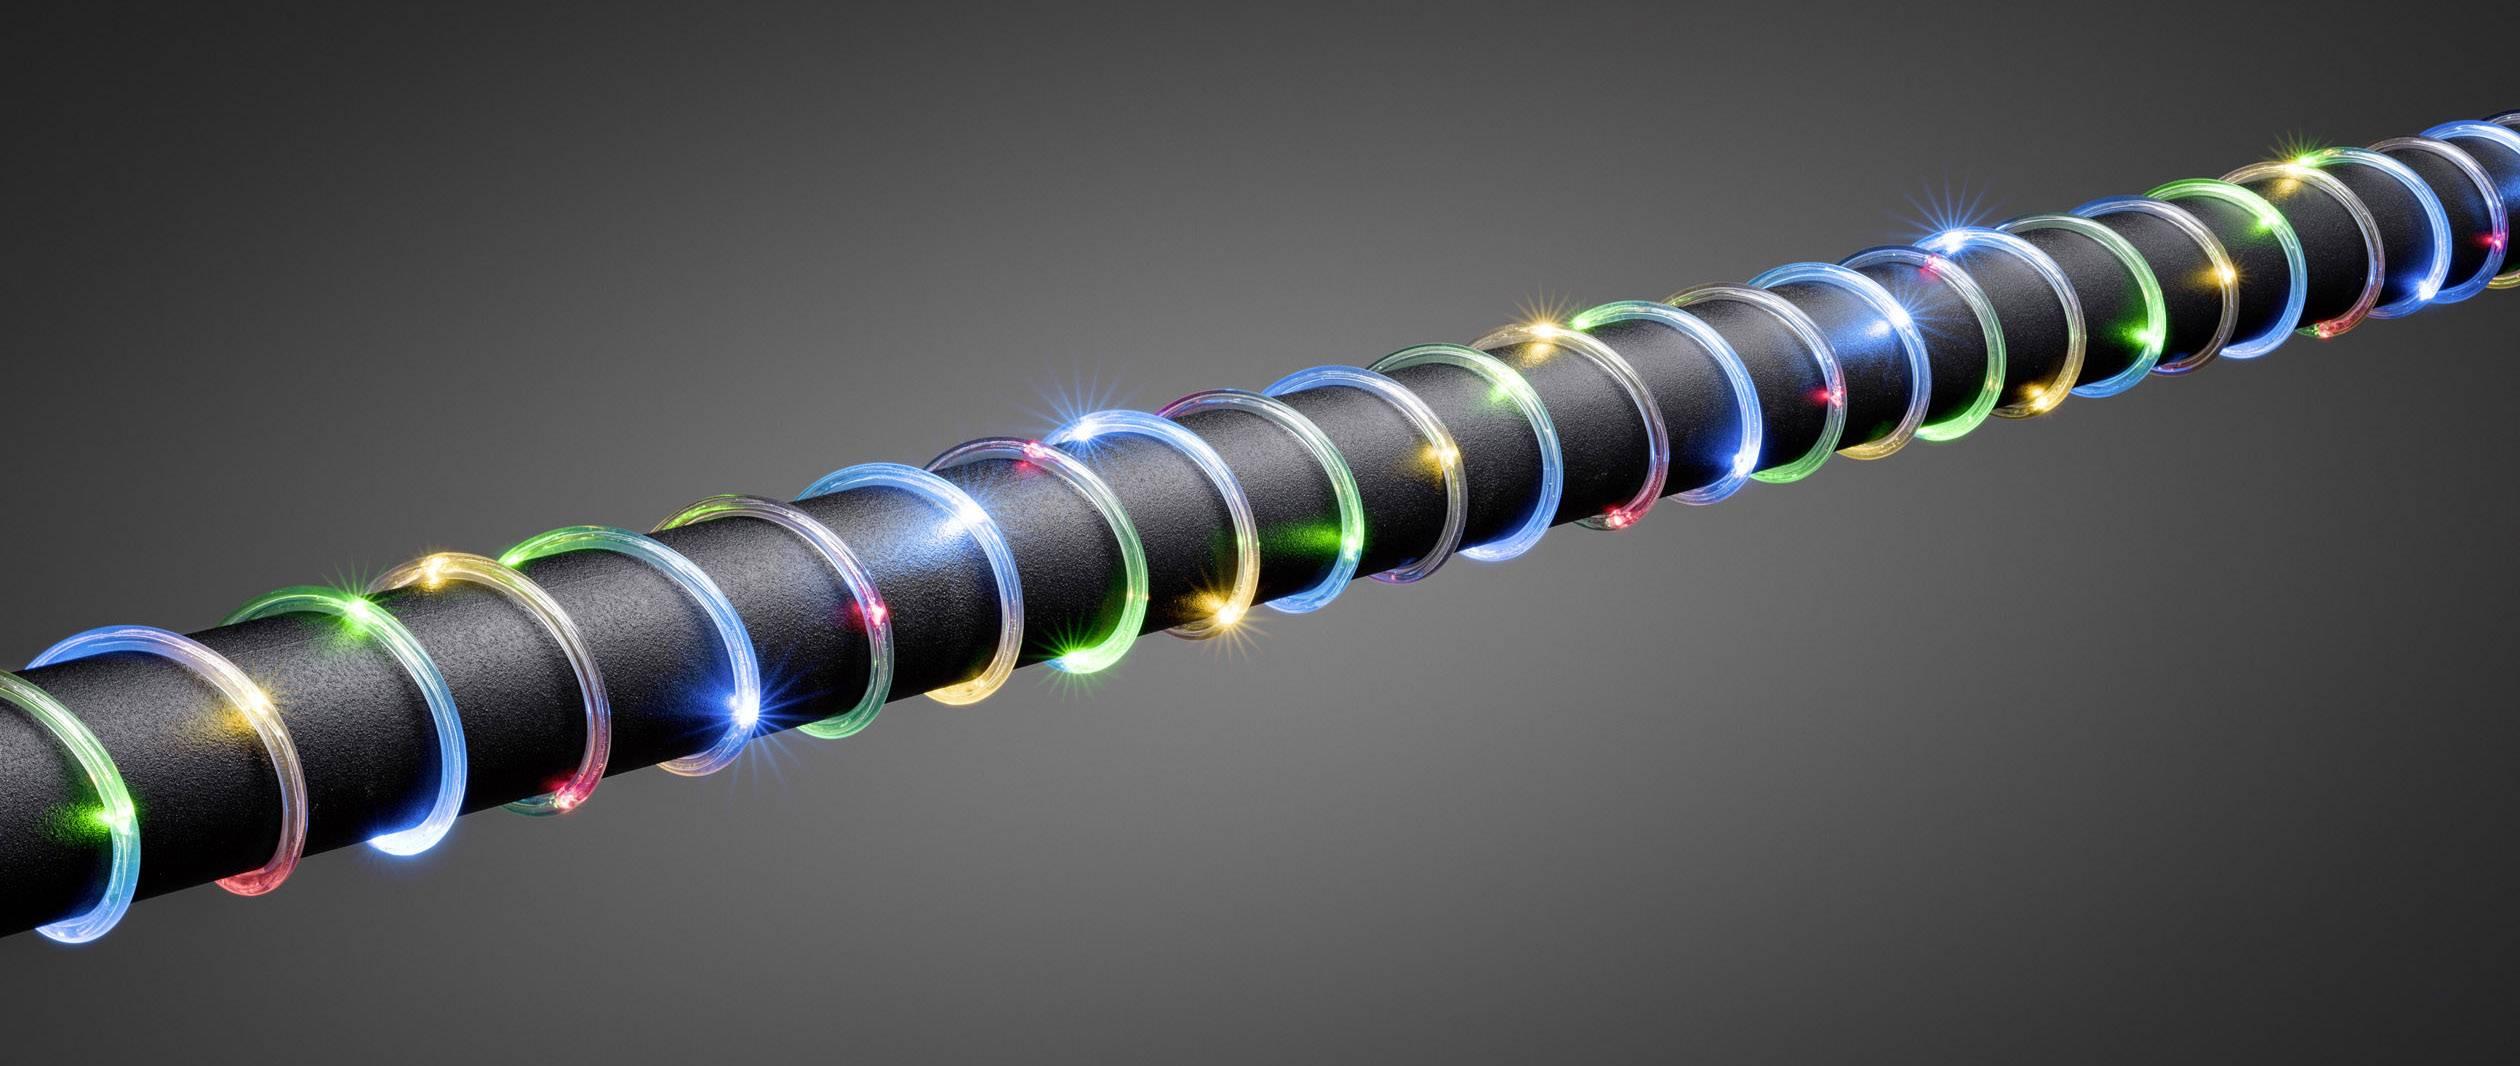 izdelek-konstsmide-led-3774-500-svetlobna-cev-10-m